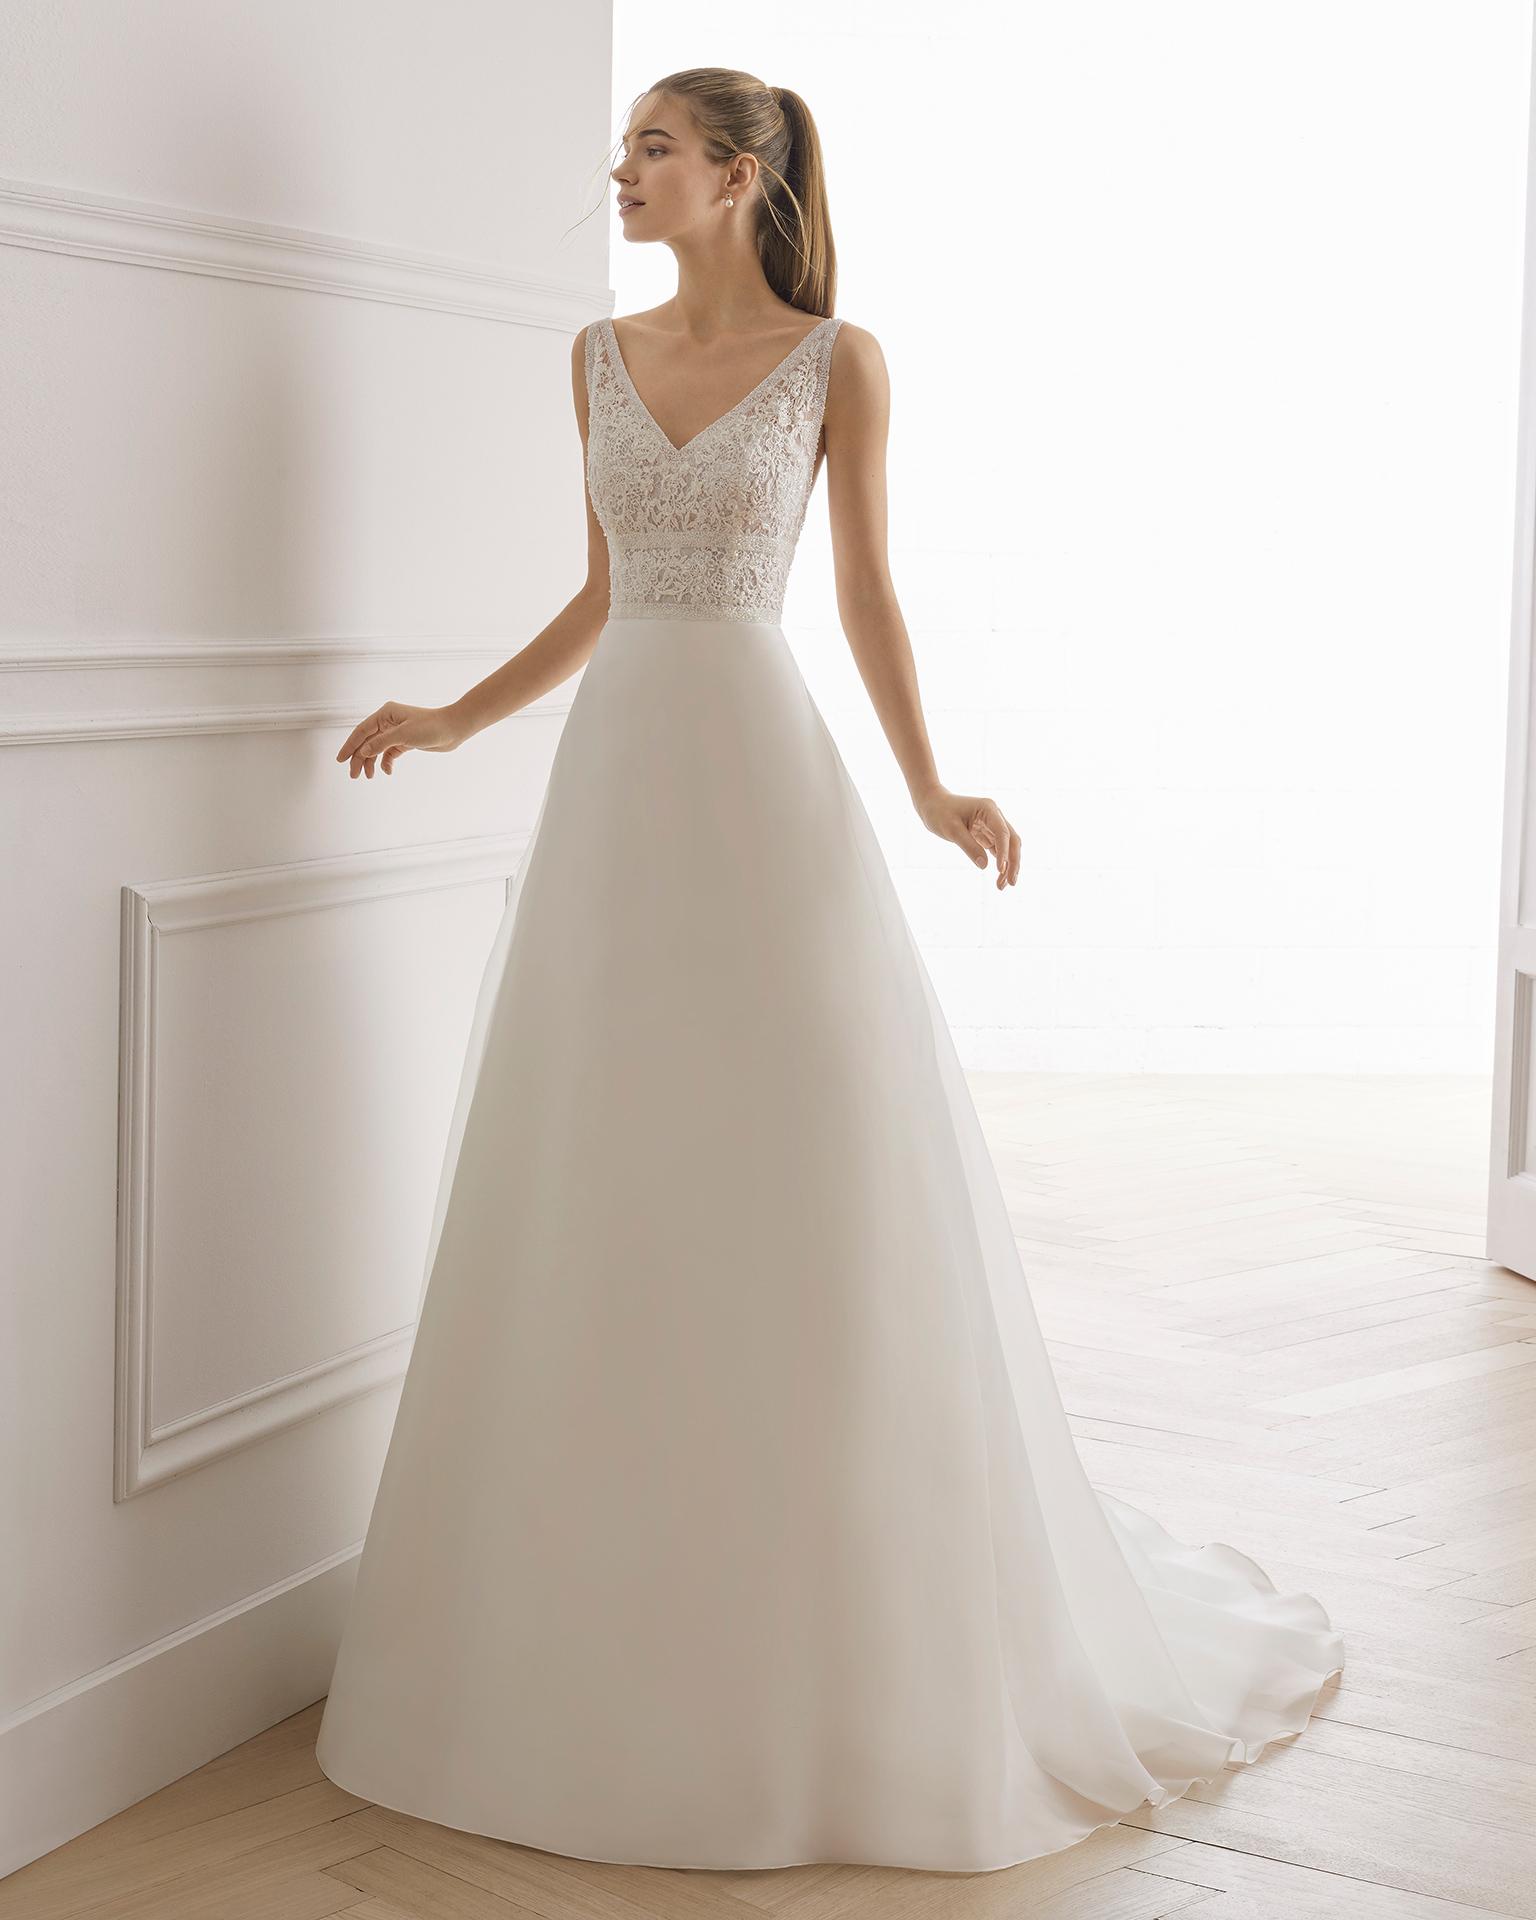 Vestido de noiva estilo linha A de organza e renda de brilhantes. Decote em V e costas descobertas. Disponível em cor natural. Coleção AIRE BARCELONA 2019.